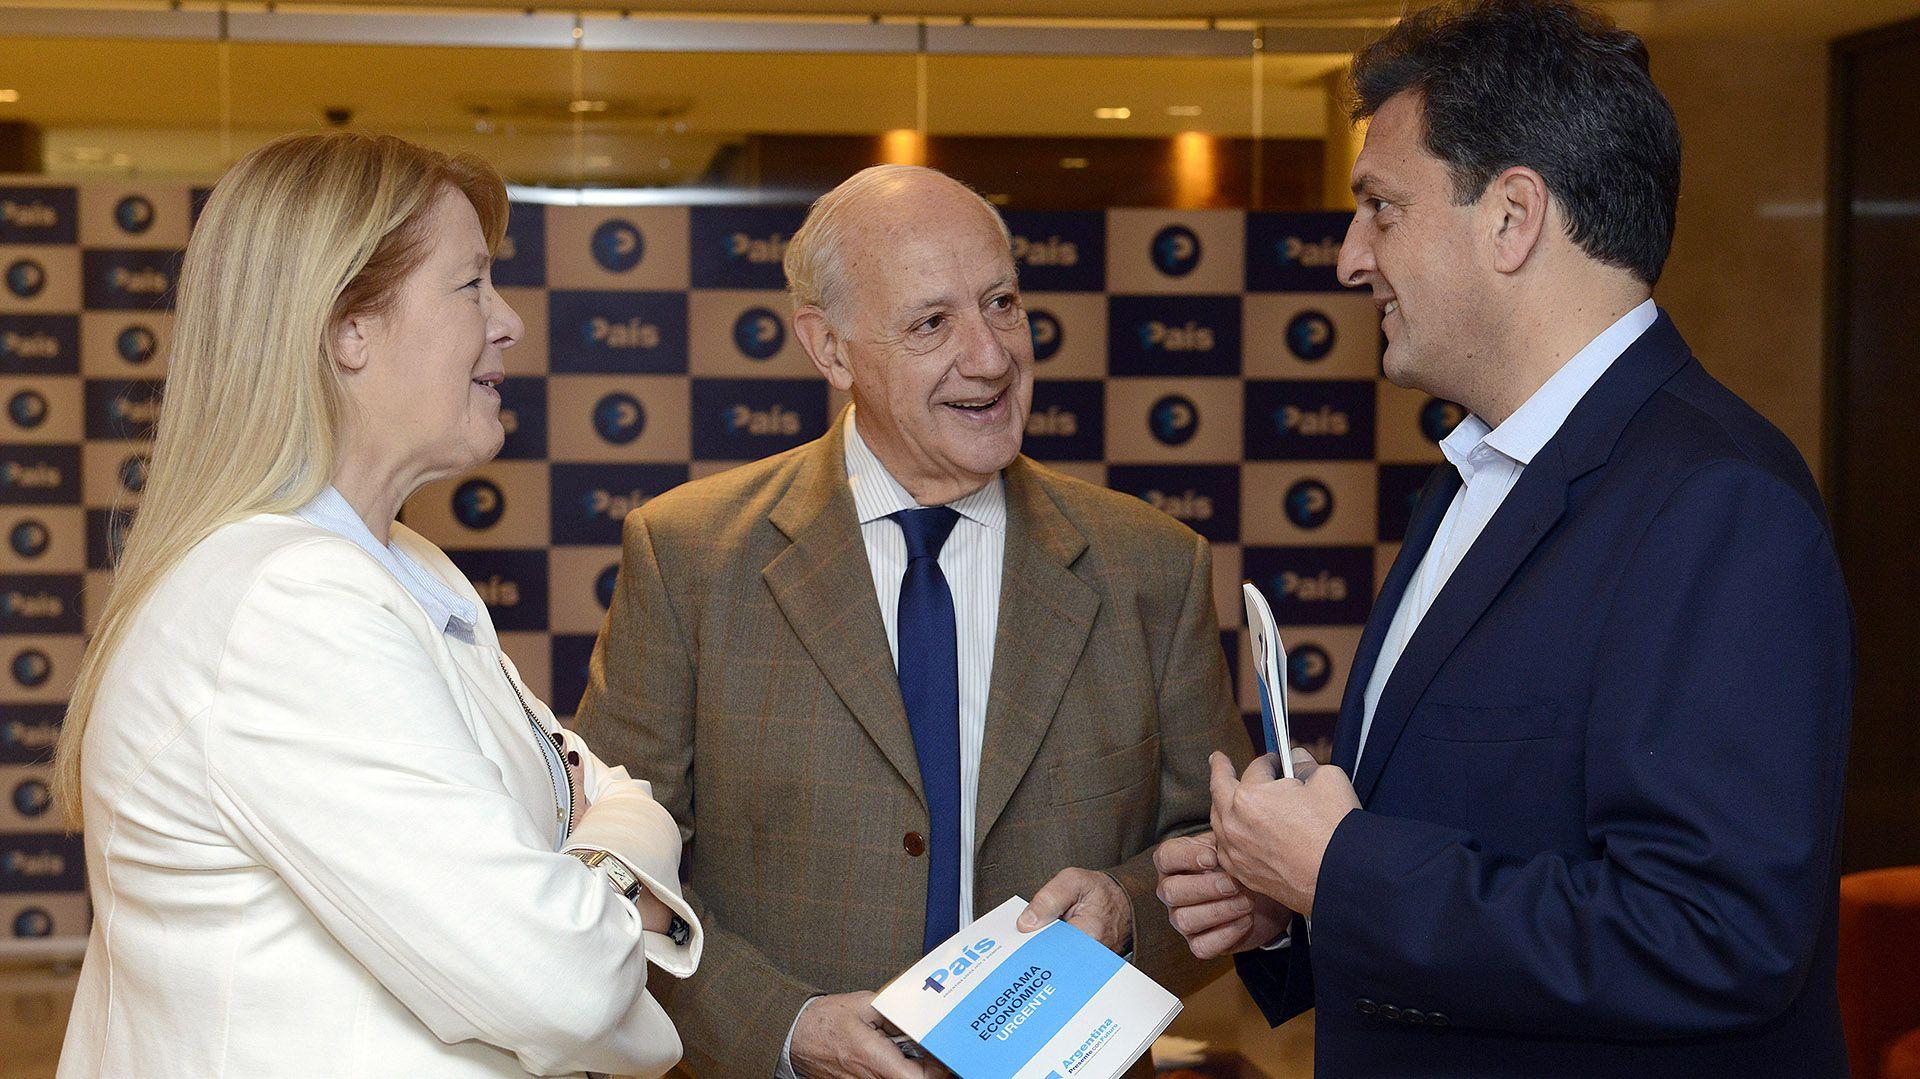 """La líder del GEN había formado parte en 2017 de la coalición """"1 País"""" junto con Sergio Massa. (Prensa 1País)"""